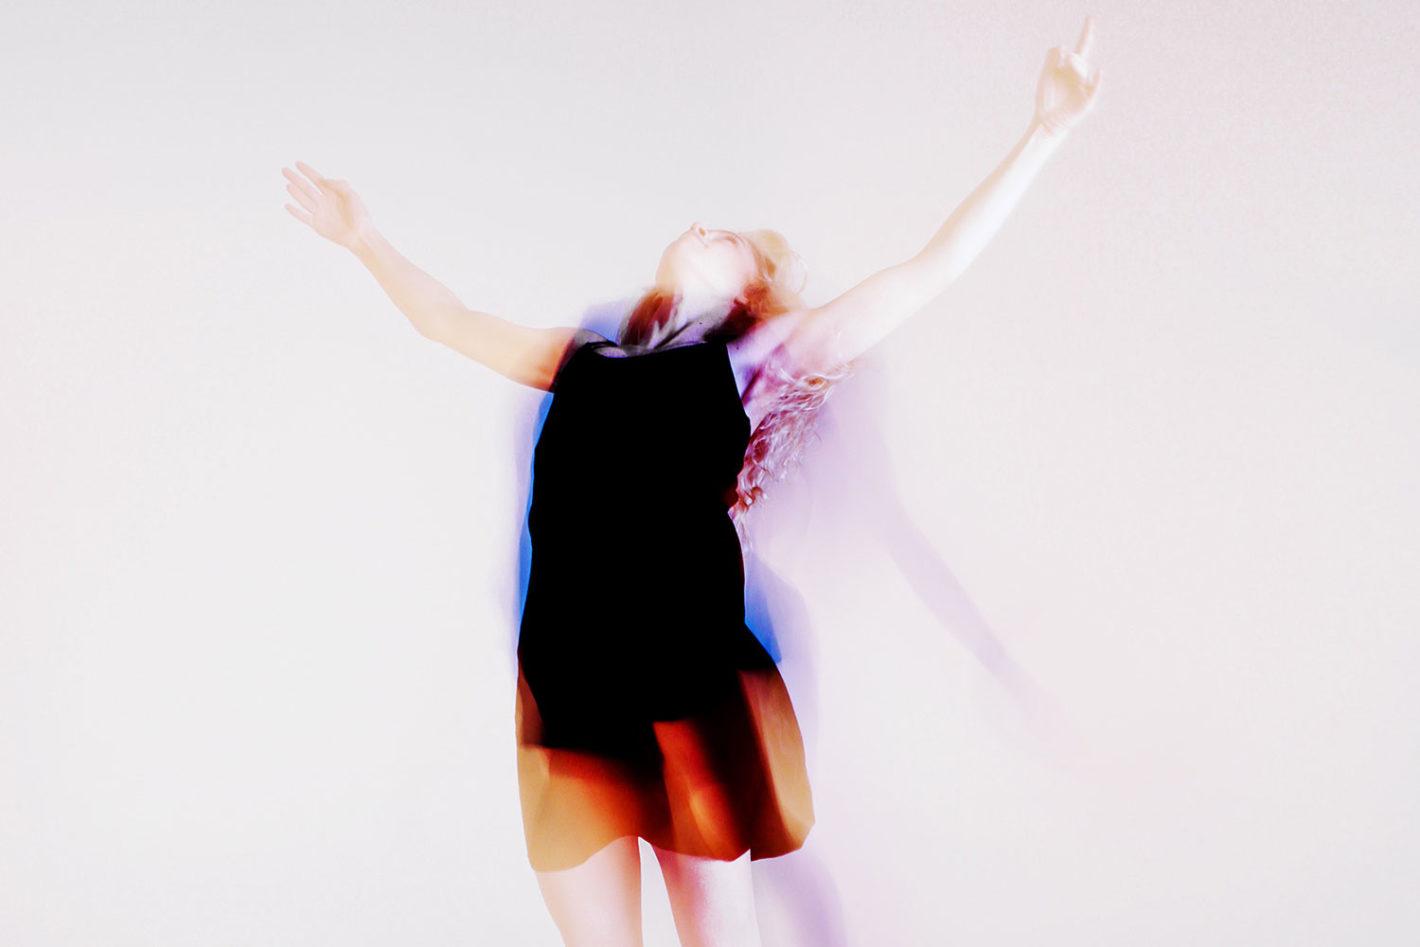 写真:両手を広げてジャンプするワンピースの女性